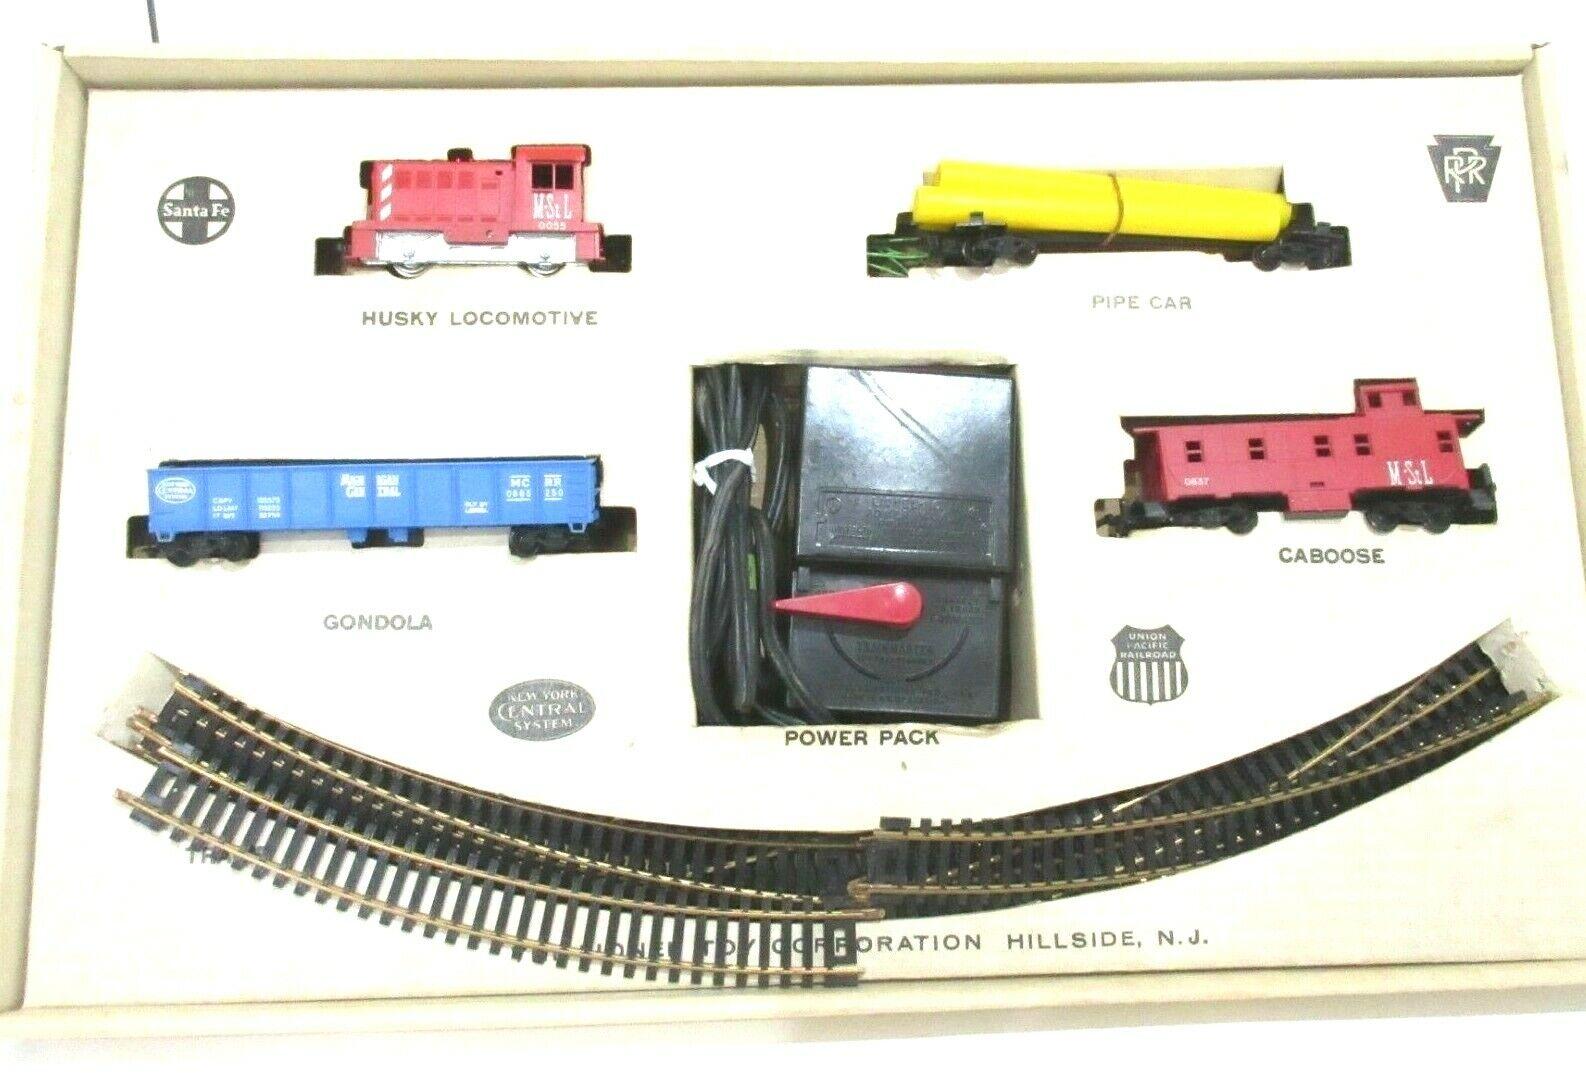 Trenes Lionel Escala Ho (4 unidad Husky De Mercancías Set Locomotora motor)